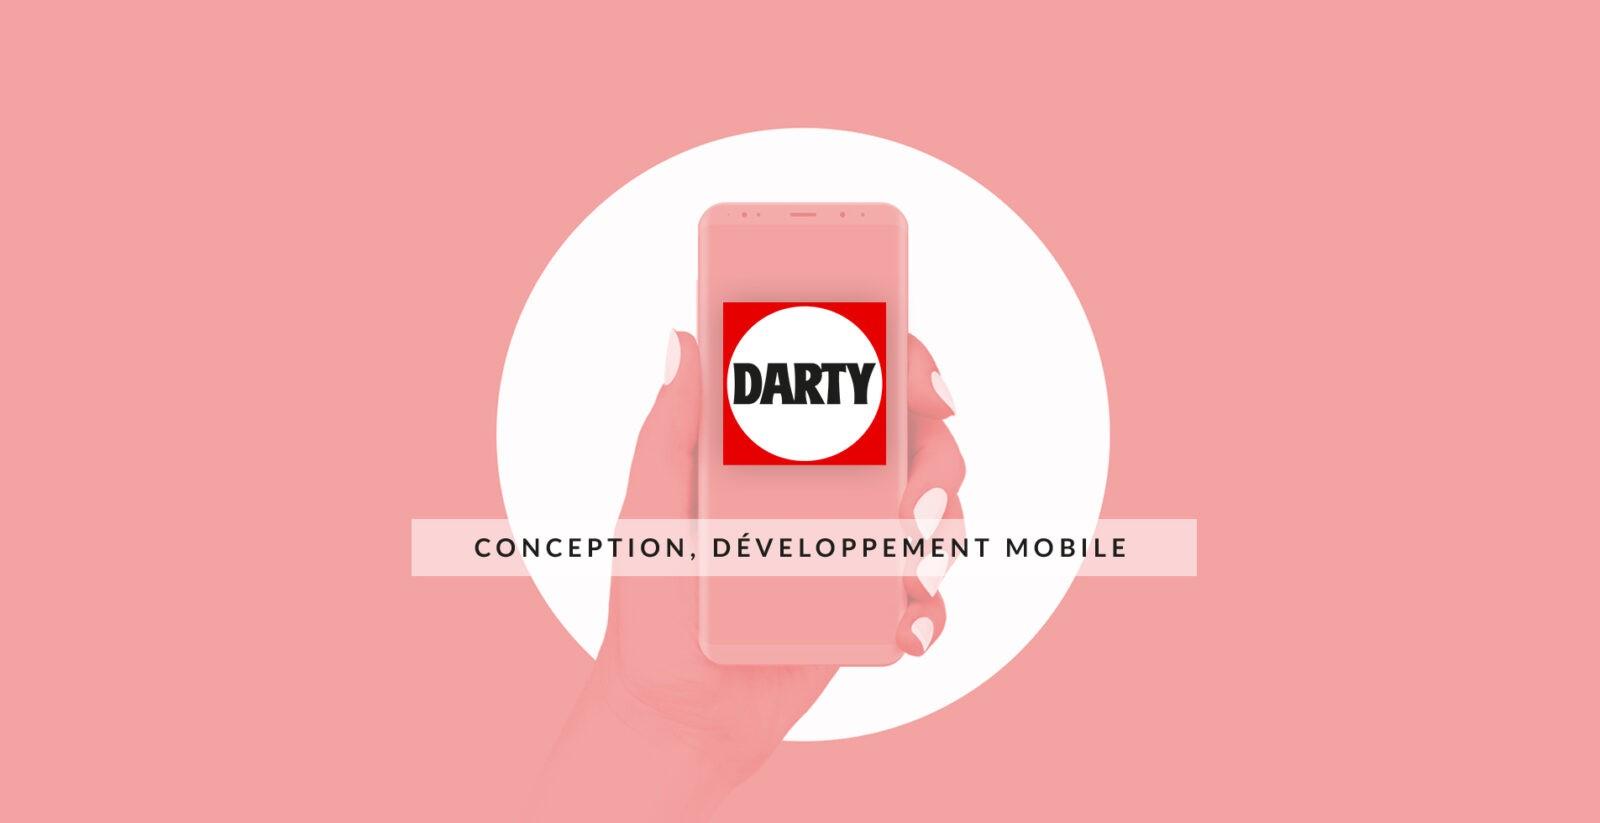 Conception et développement de l'application mobile Darty par l'agence web et mobile Mojjoo Paris